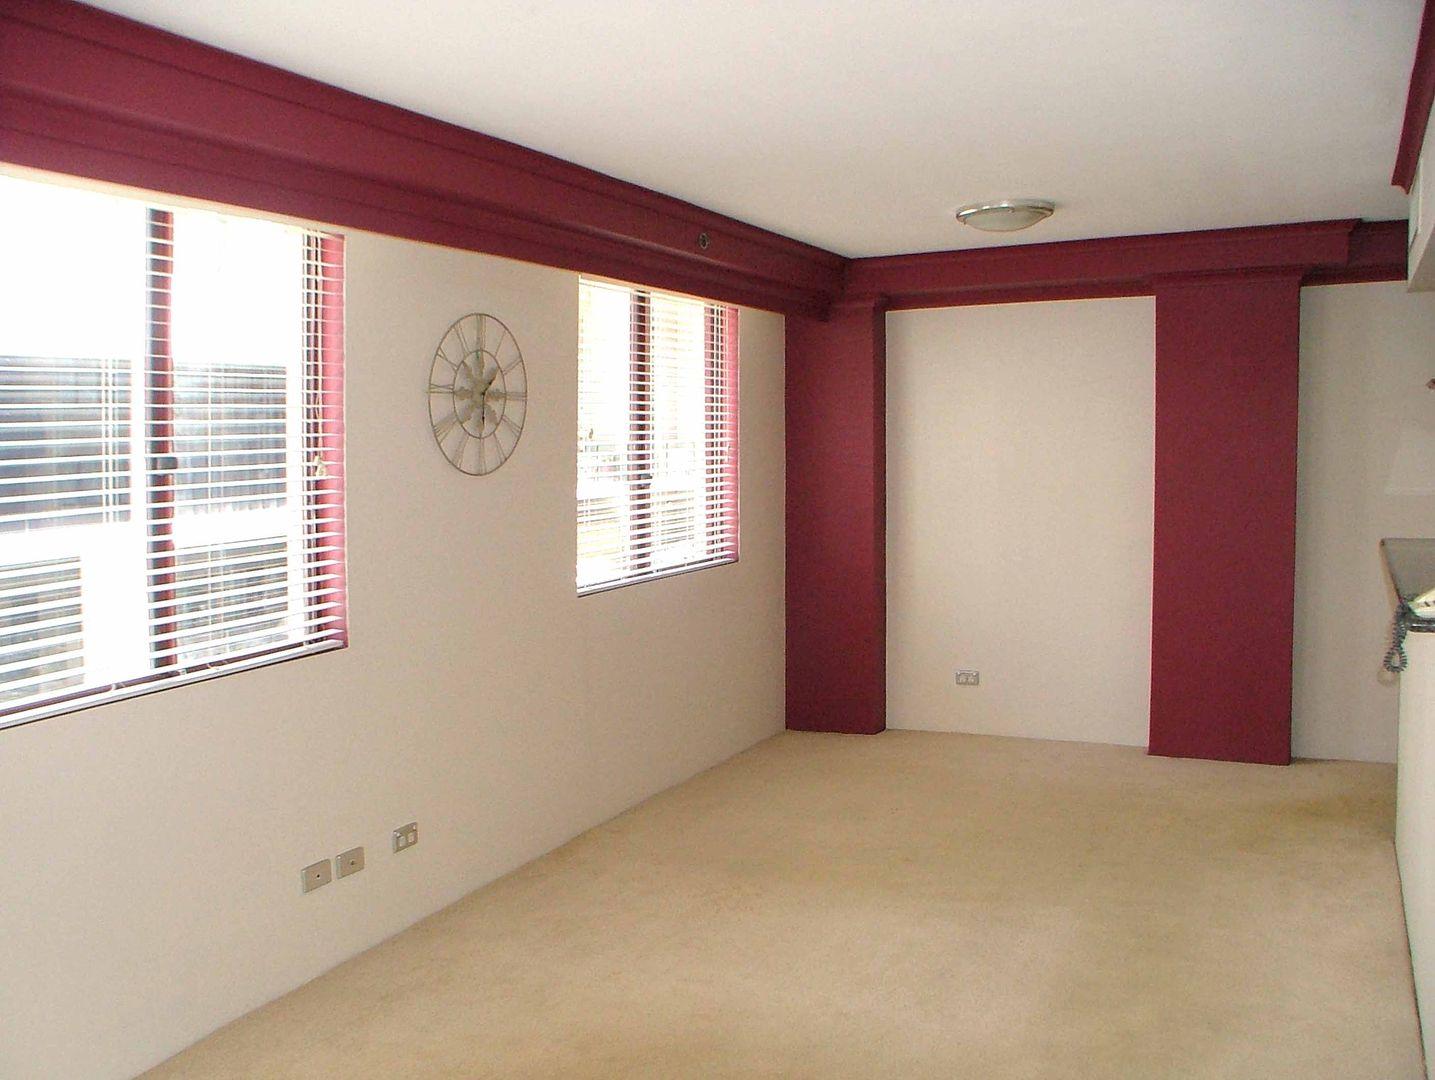 6/1-7 Pelican Street, Surry Hills NSW 2010, Image 1